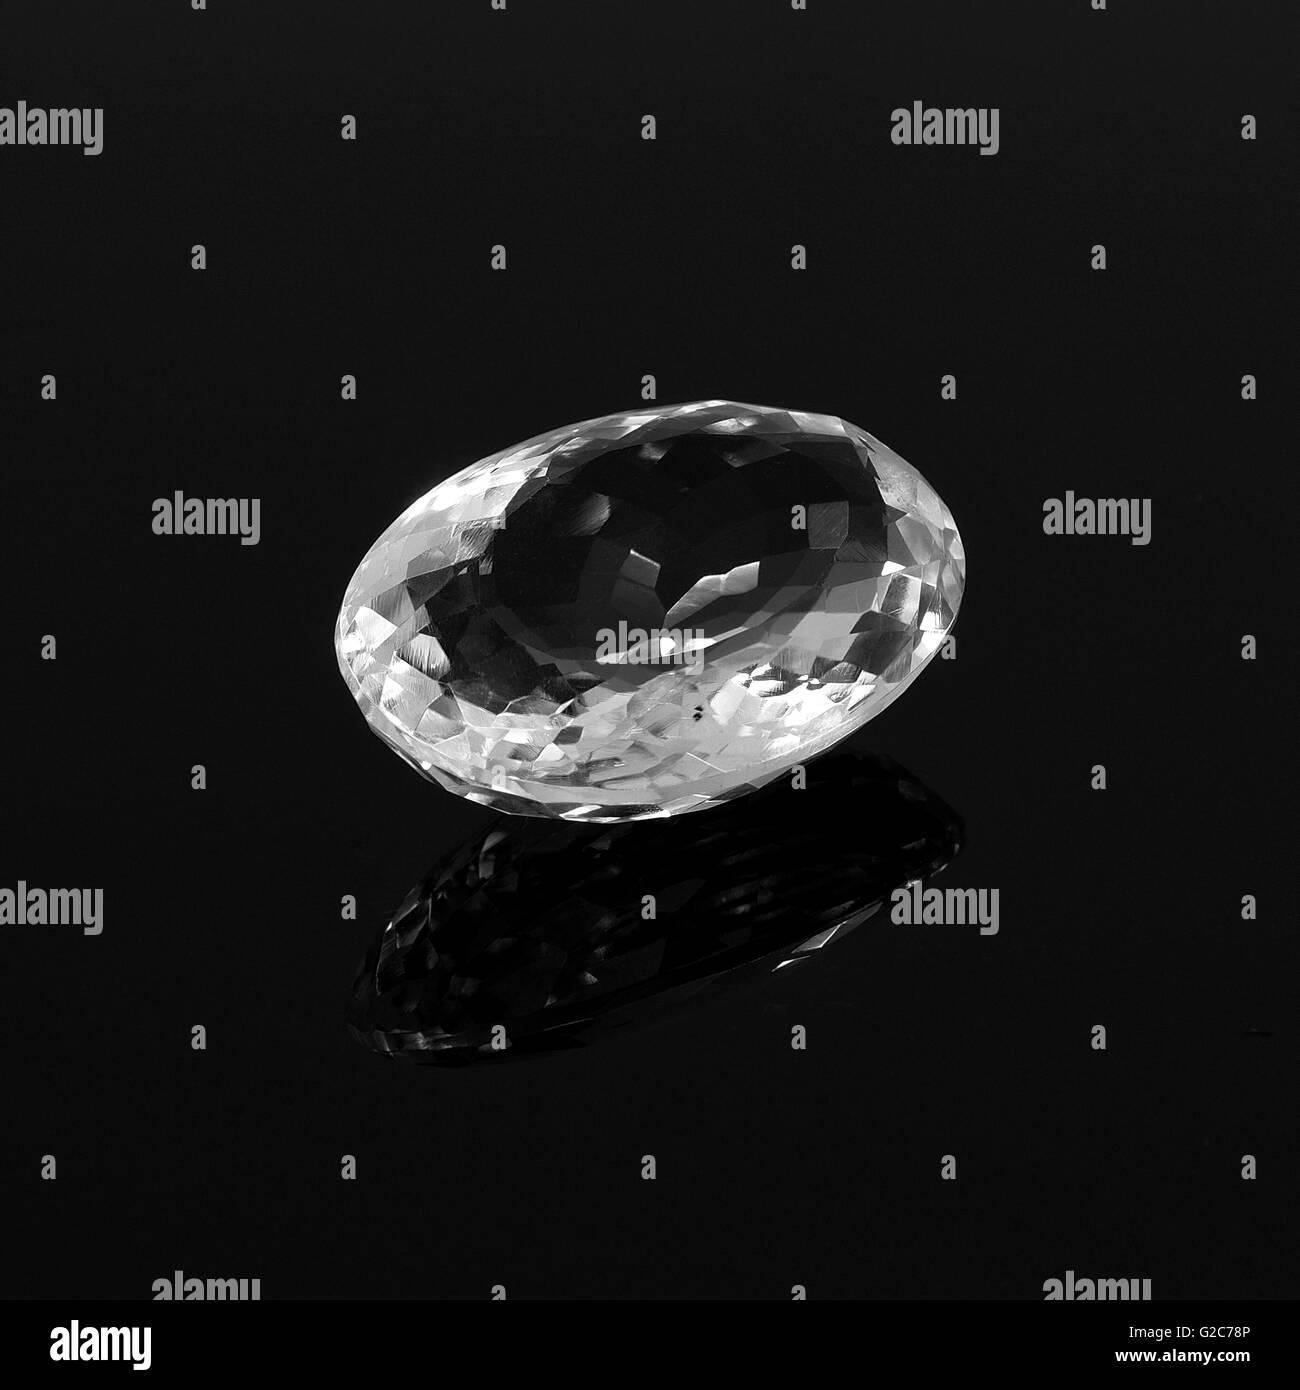 White topaz on a black background. Diamond on awhite background. - Stock Image